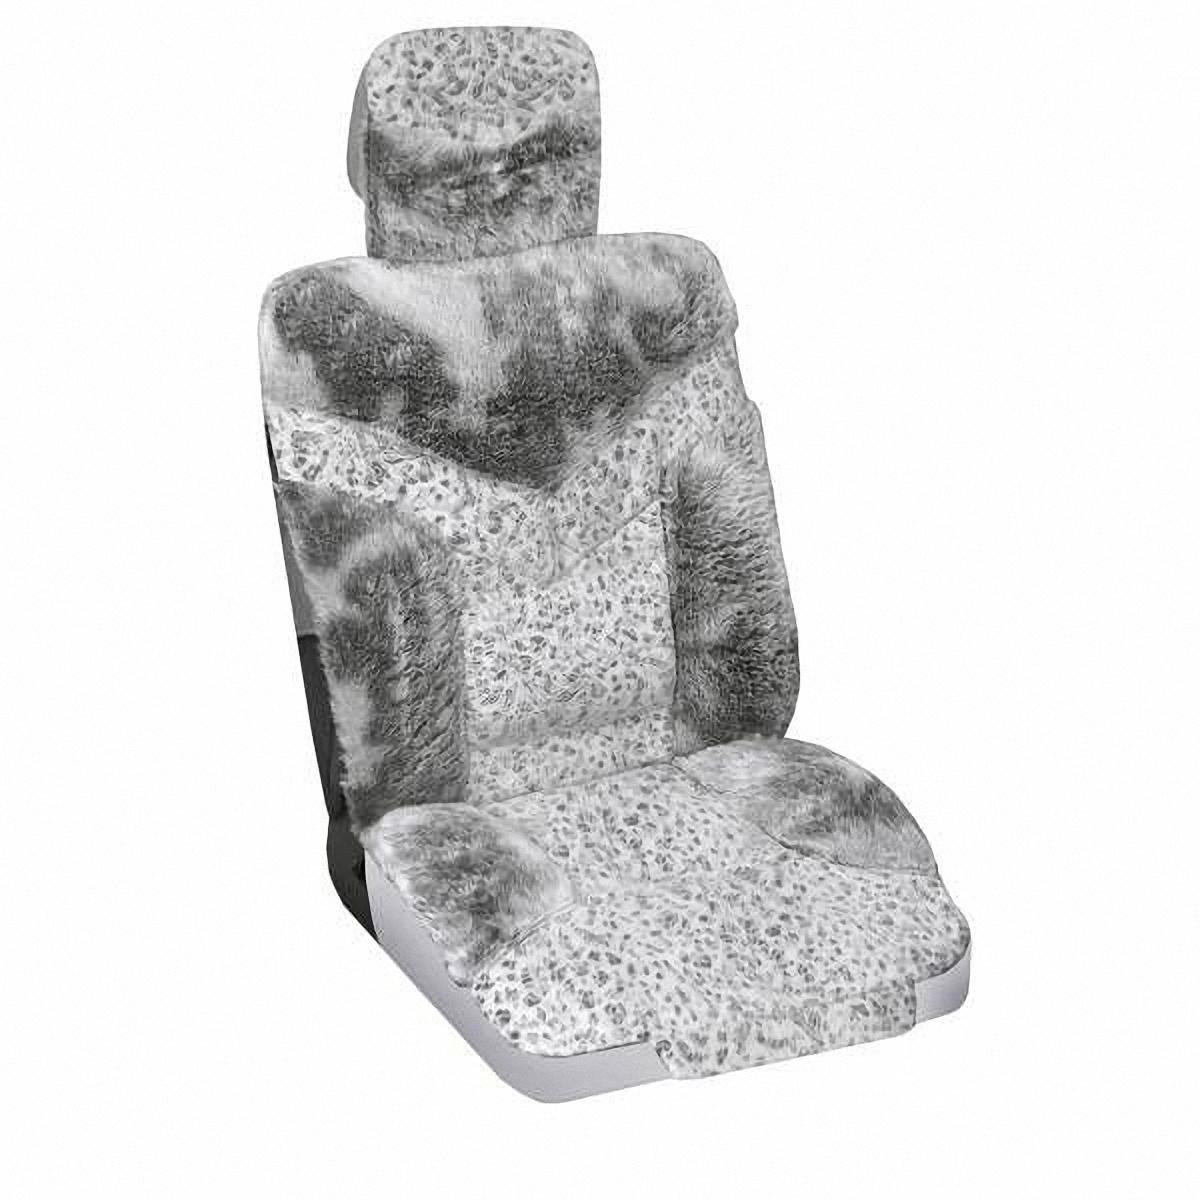 Чехлы автомобильные Skyway. S03001006FS-80423Меховые накидки Skyway сделаны с учетом предпочтений своих потребителей, которыехотят видеть салон своего автомобиля, похожим на теплый уютный дом, а не на холодный облезлый гараж. Удобные и мягкие накидки будут как никогда актуальны перед морозной зимой, потому что всегда согреют своим теплом и добавят красок в салон во время белого однообразия на улице. Удобные, как домашний диван, они сделают салон таким комфортным, что не захочется возвращаться домой. Сделанные из искусственного меха, они не лезут, довольно просто крепятся и плотно сидят, не съезжая в разные стороны.